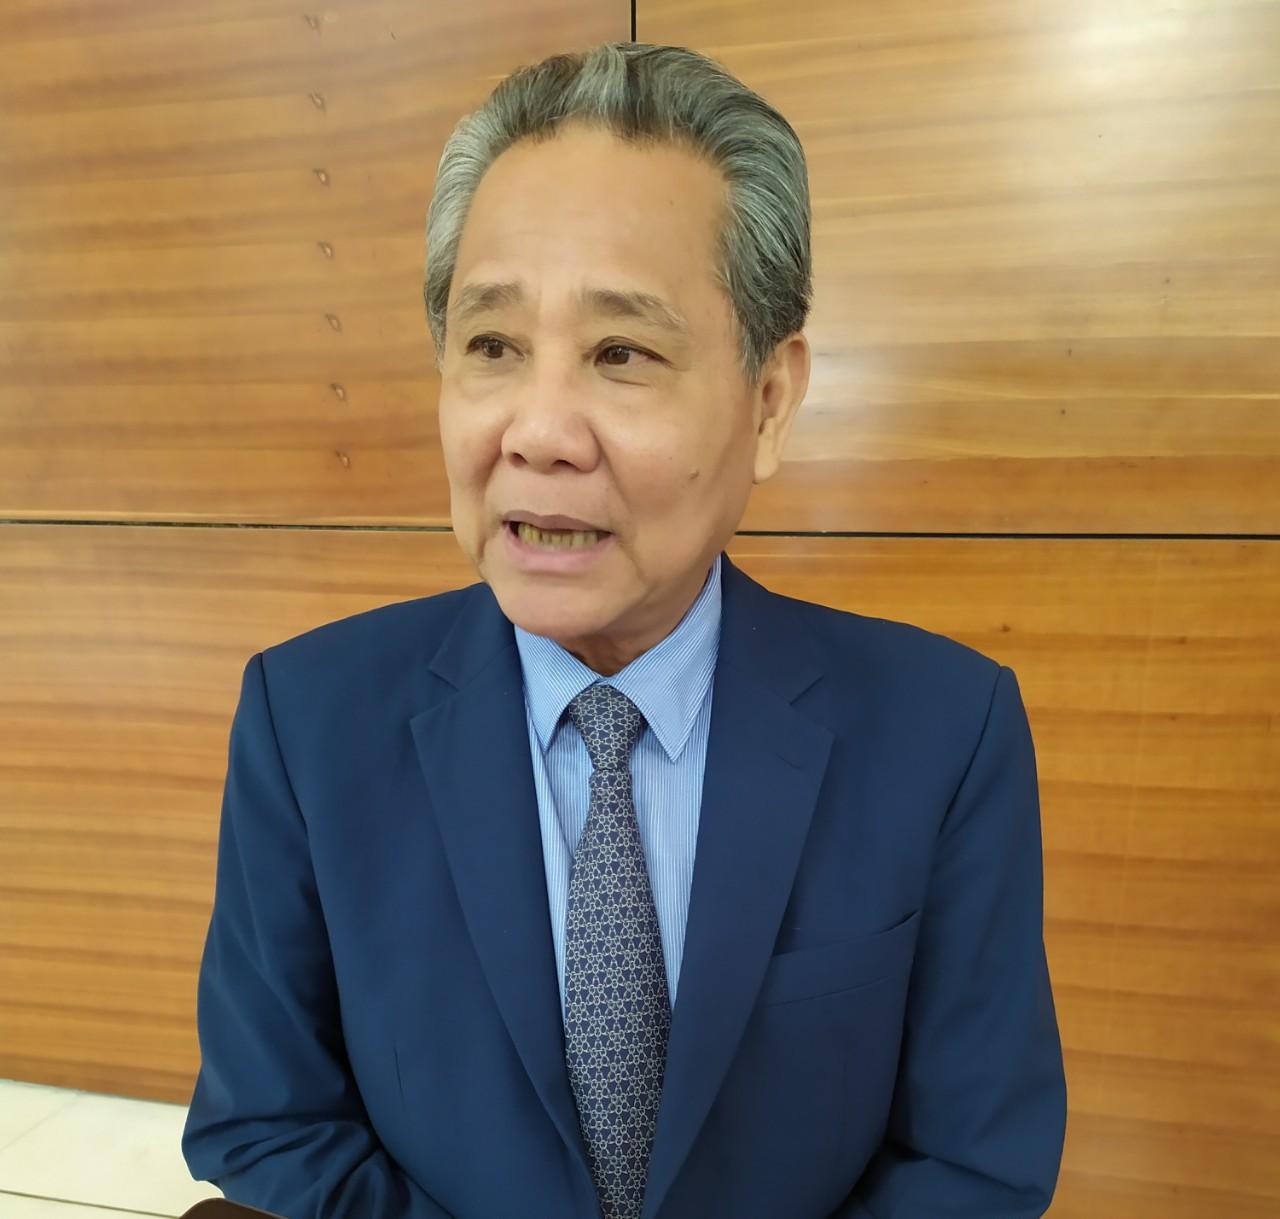 Chủ tịch Lộc Trời lý giải vì sao lượng gạo xuất khẩu sang Trung Quốc giảm đến 30% - Ảnh 1.